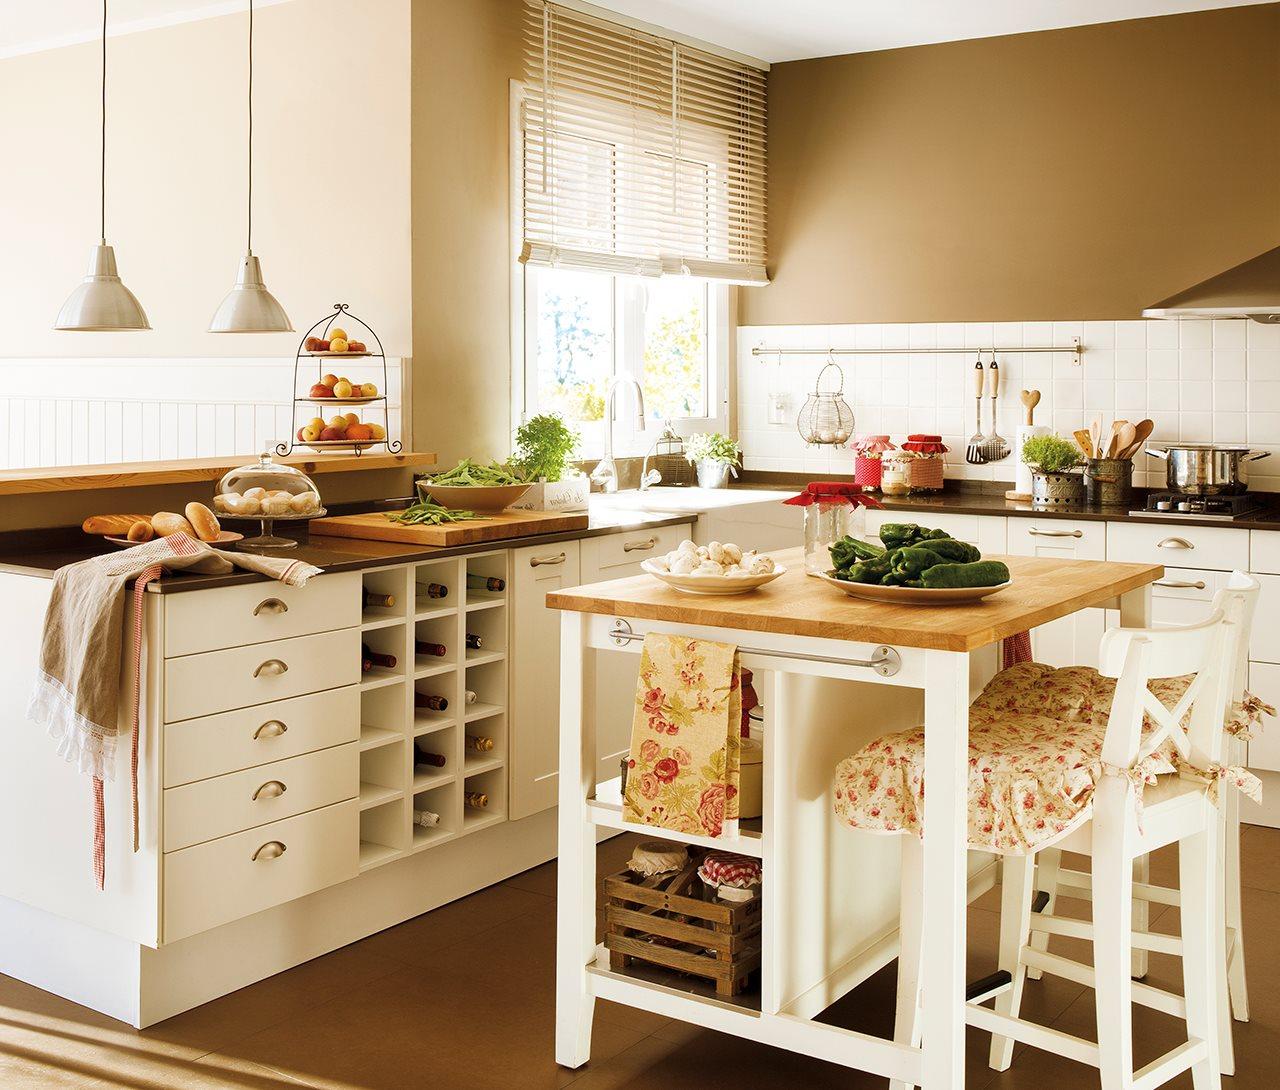 C mo aprovechar el espacio en cocinas peque as for Muebles cocina chica